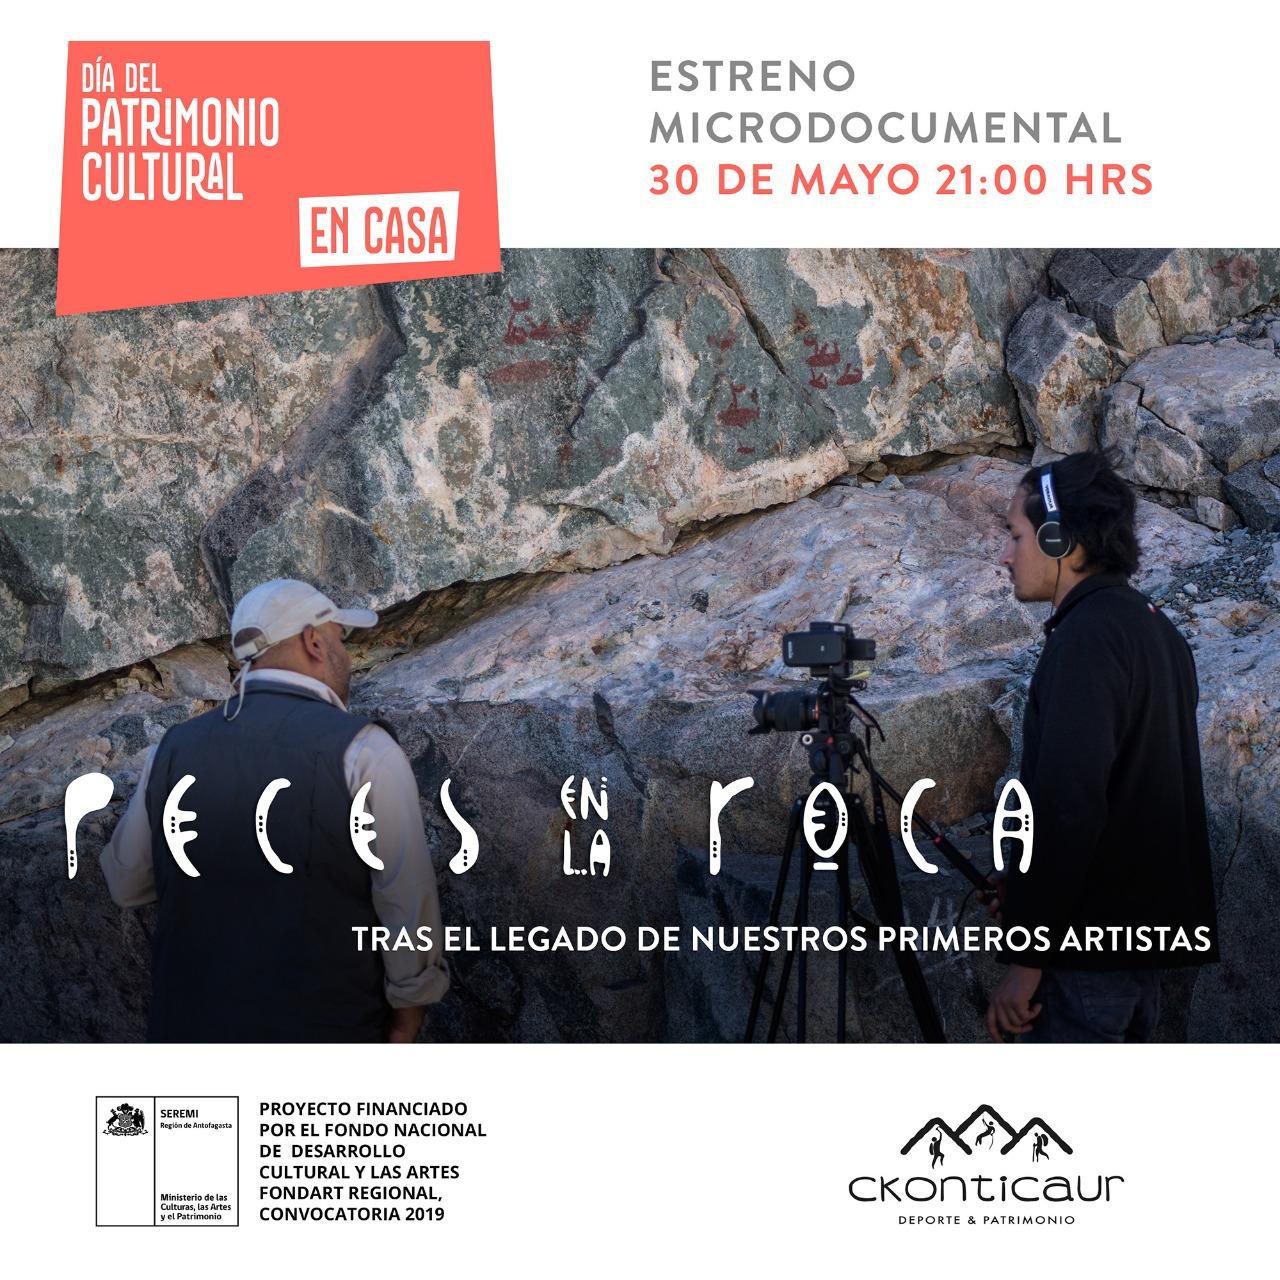 """DIA NACIONAL DEL PATRIMONIO: ESTRENO NUEVO MATERIAL AUDIOVISUAL """"PECES EN LA ROCA"""""""